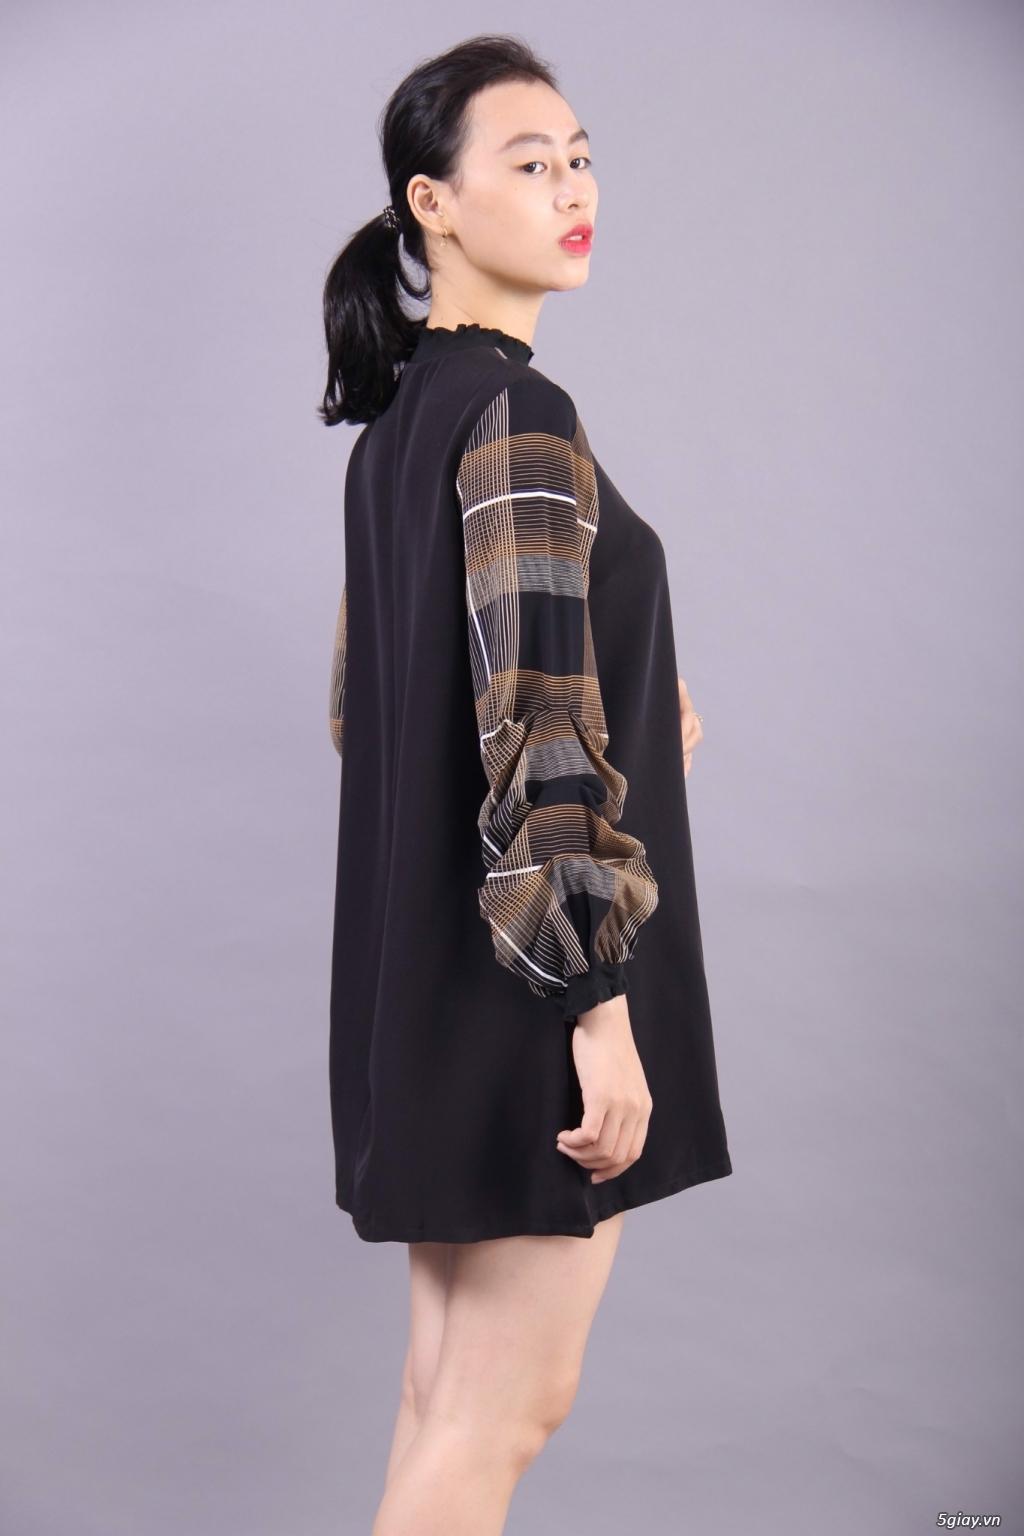 Wal House Fashion - Thương Hiệu Việt - Kiểu dáng đa dạng - 29